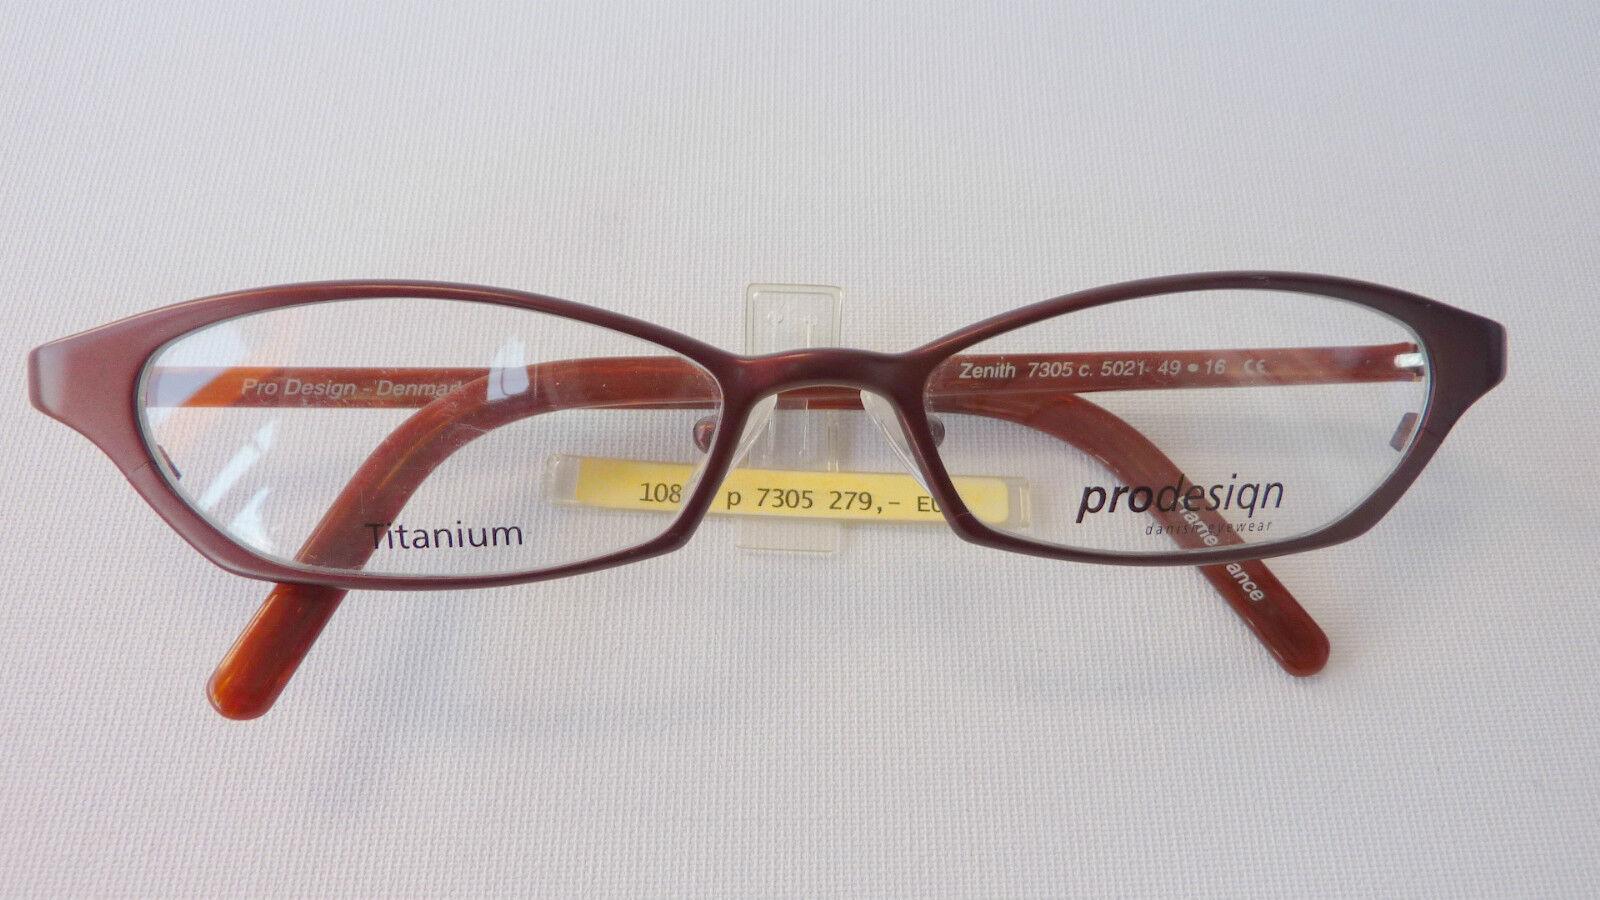 Pro Design besondere Cateye Brille schmale Glasform leichtes Titan 49-16 Größe M  | Komfort  | Um Eine Hohe Bewunderung Gewinnen Und Ist Weit Verbreitet Trusted In-und   | Internationale Wahl